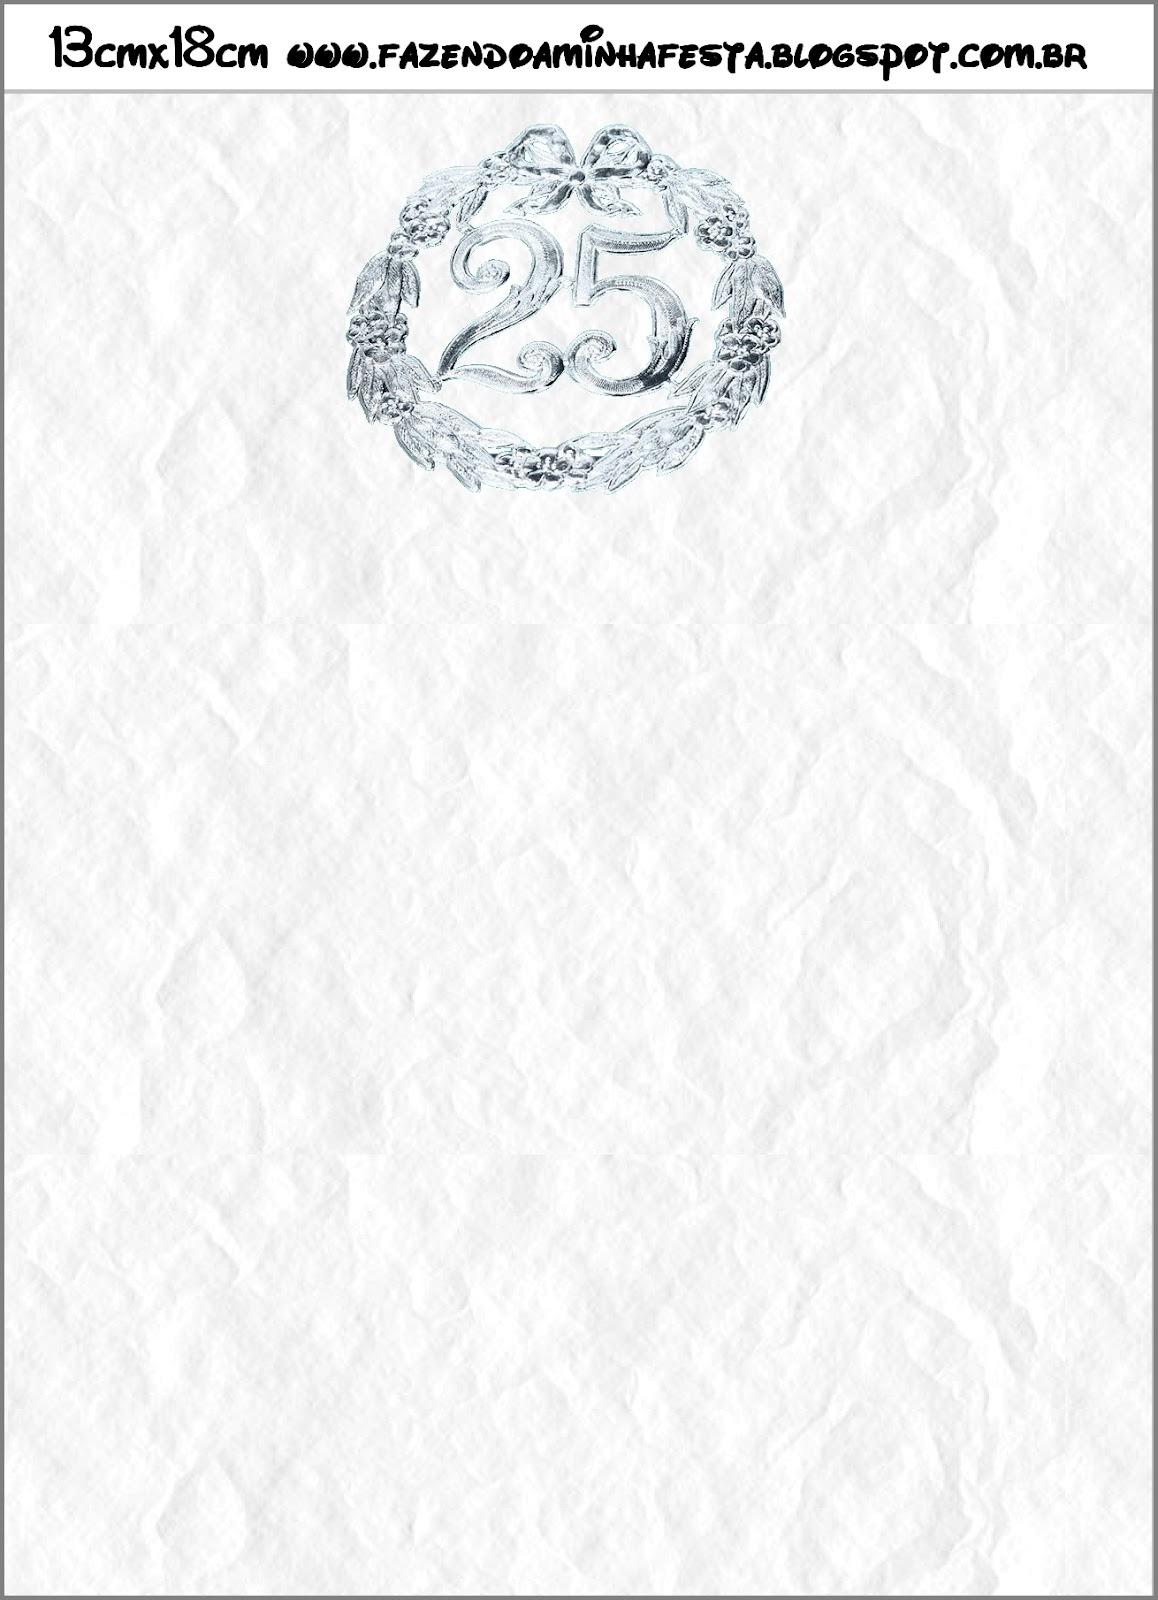 Esmeralda rose de porcelana - 2 4